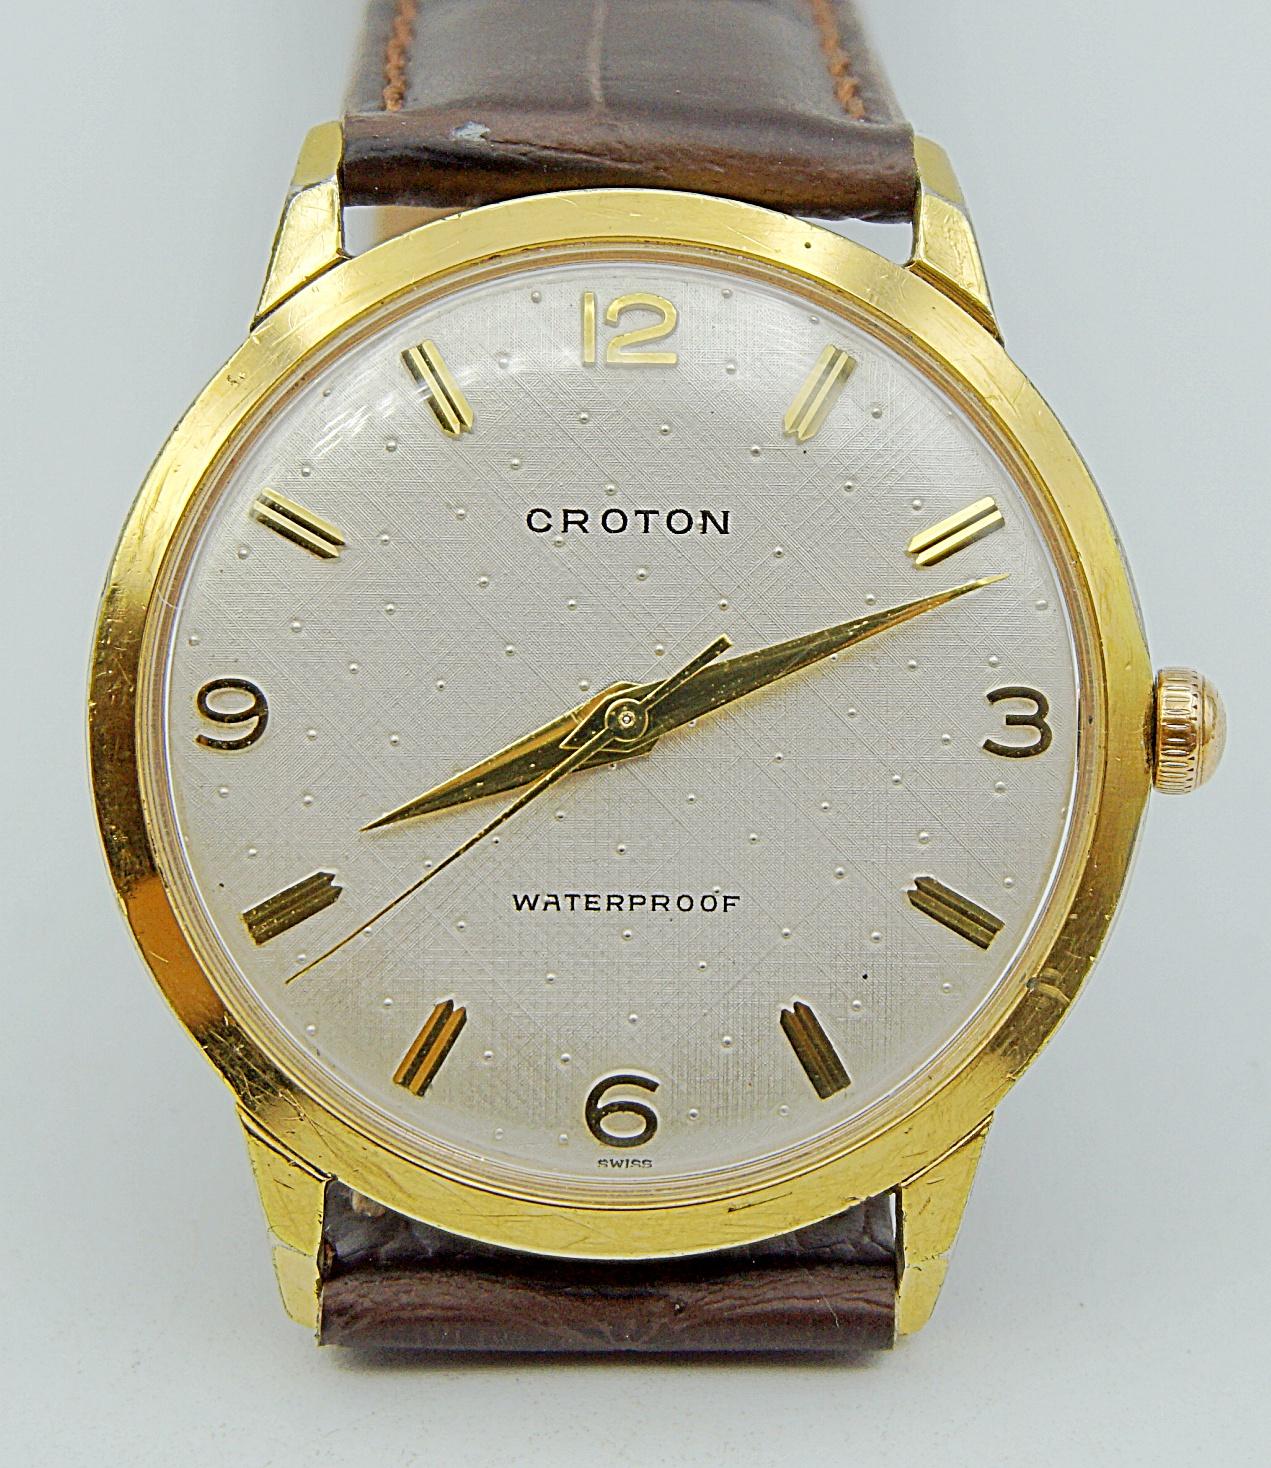 นาฬิกาเก่า CROTON ไขลาน